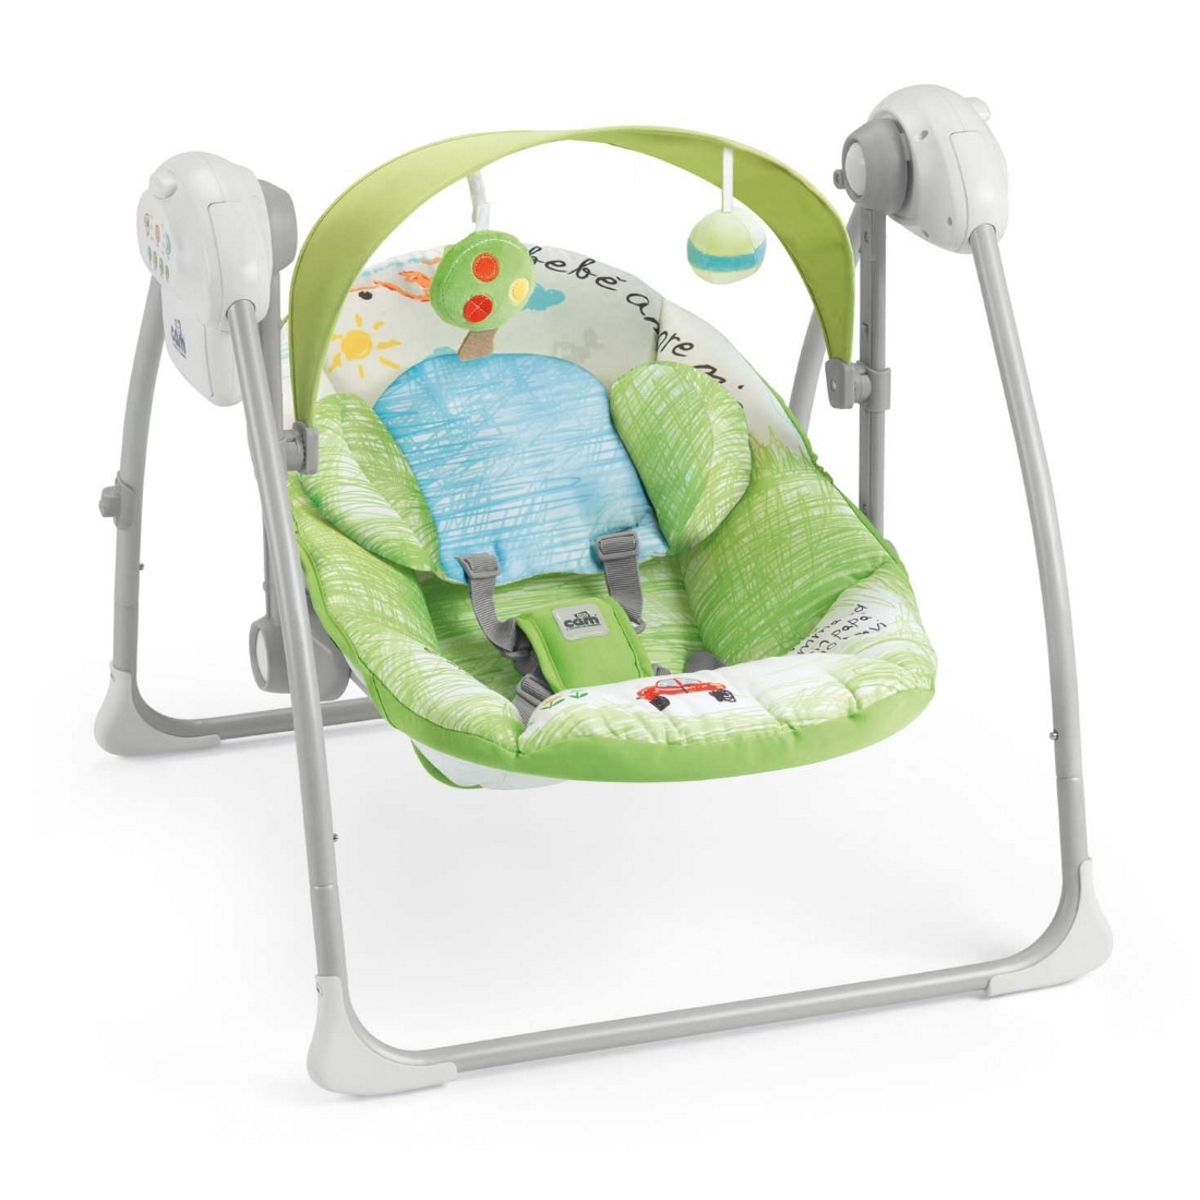 Cadeira de baloiço CAM Sonnolento Bouncer